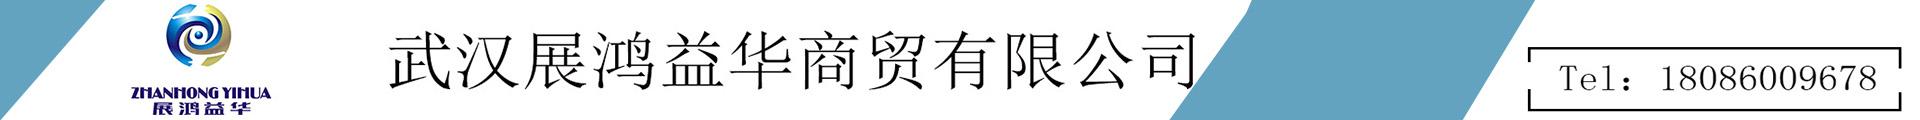 武漢展鴻益華商貿有限公司